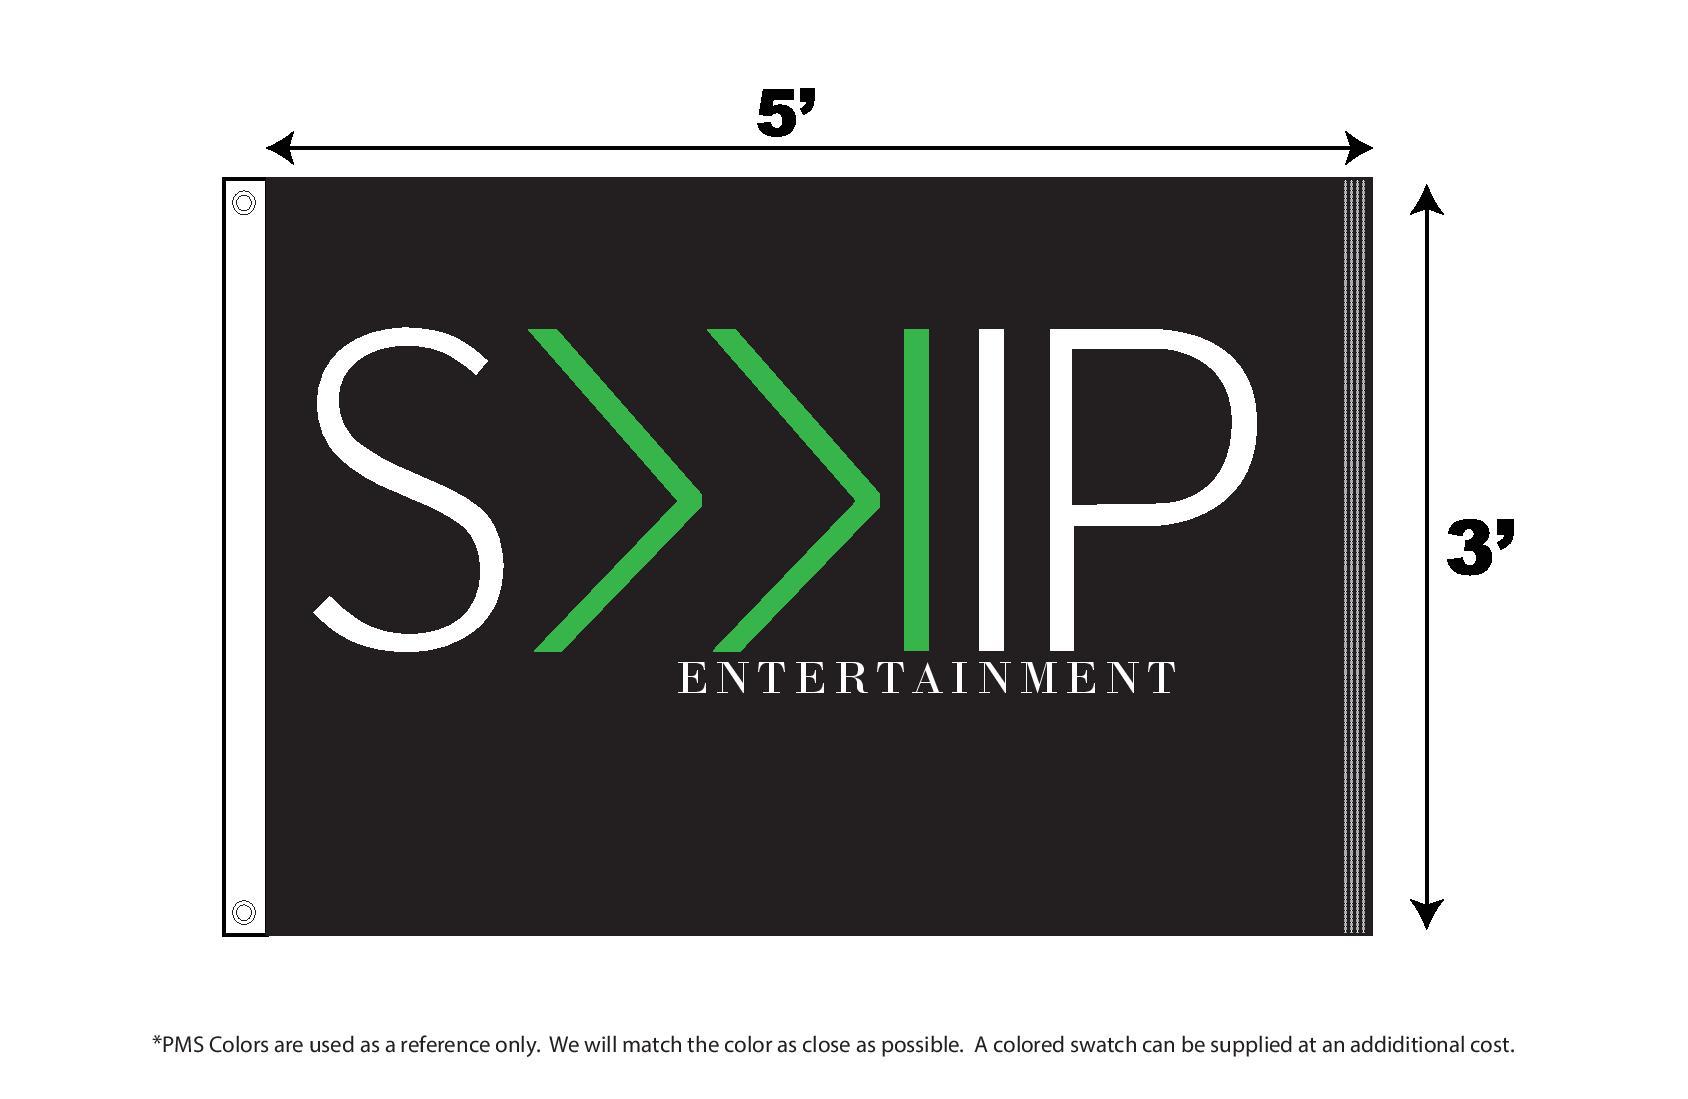 SKIP Entertainment